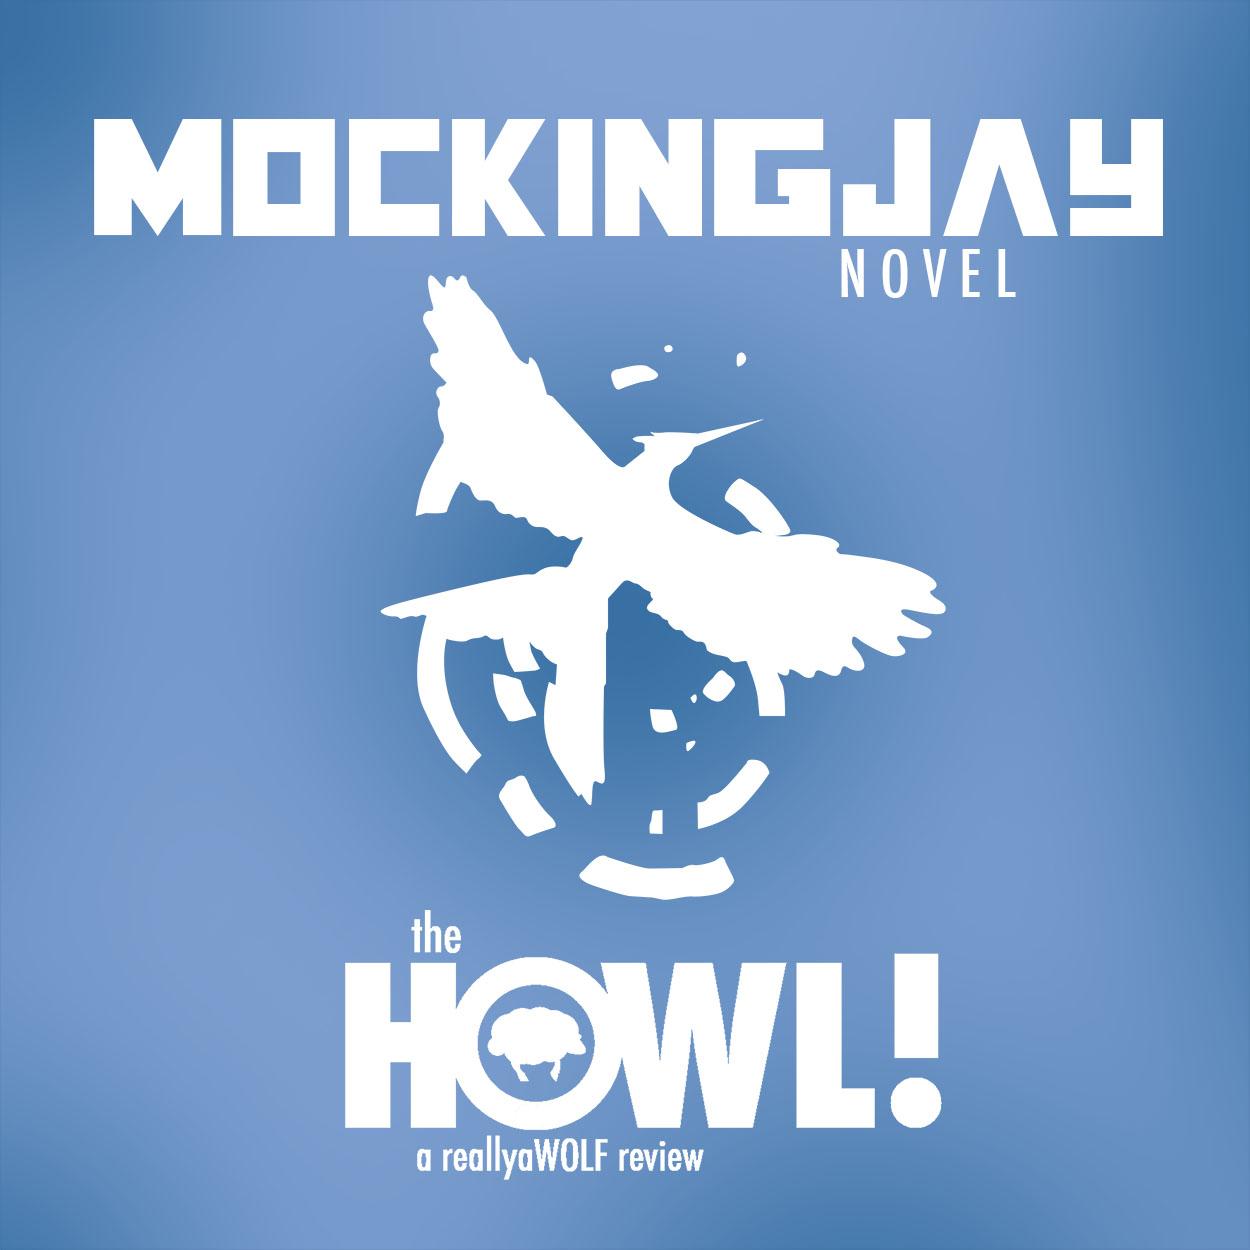 Mockingjay raW